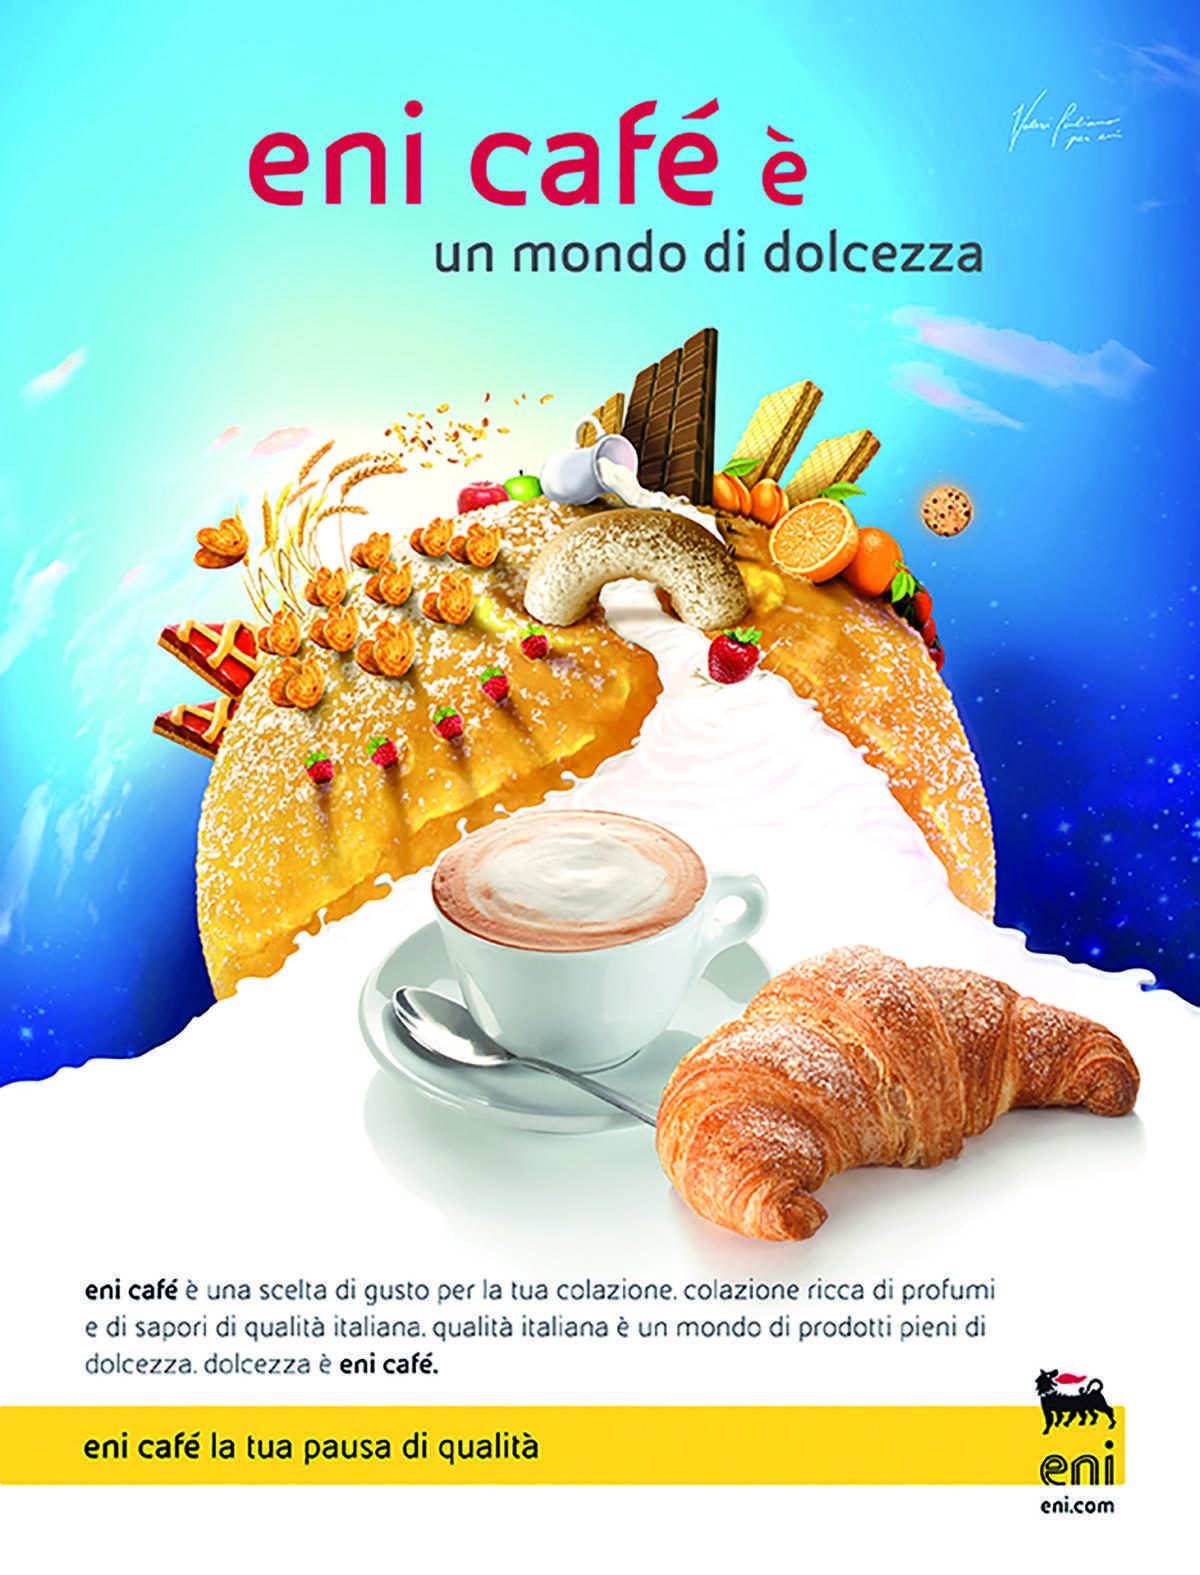 Stazione Eni Cafe' Campobasso